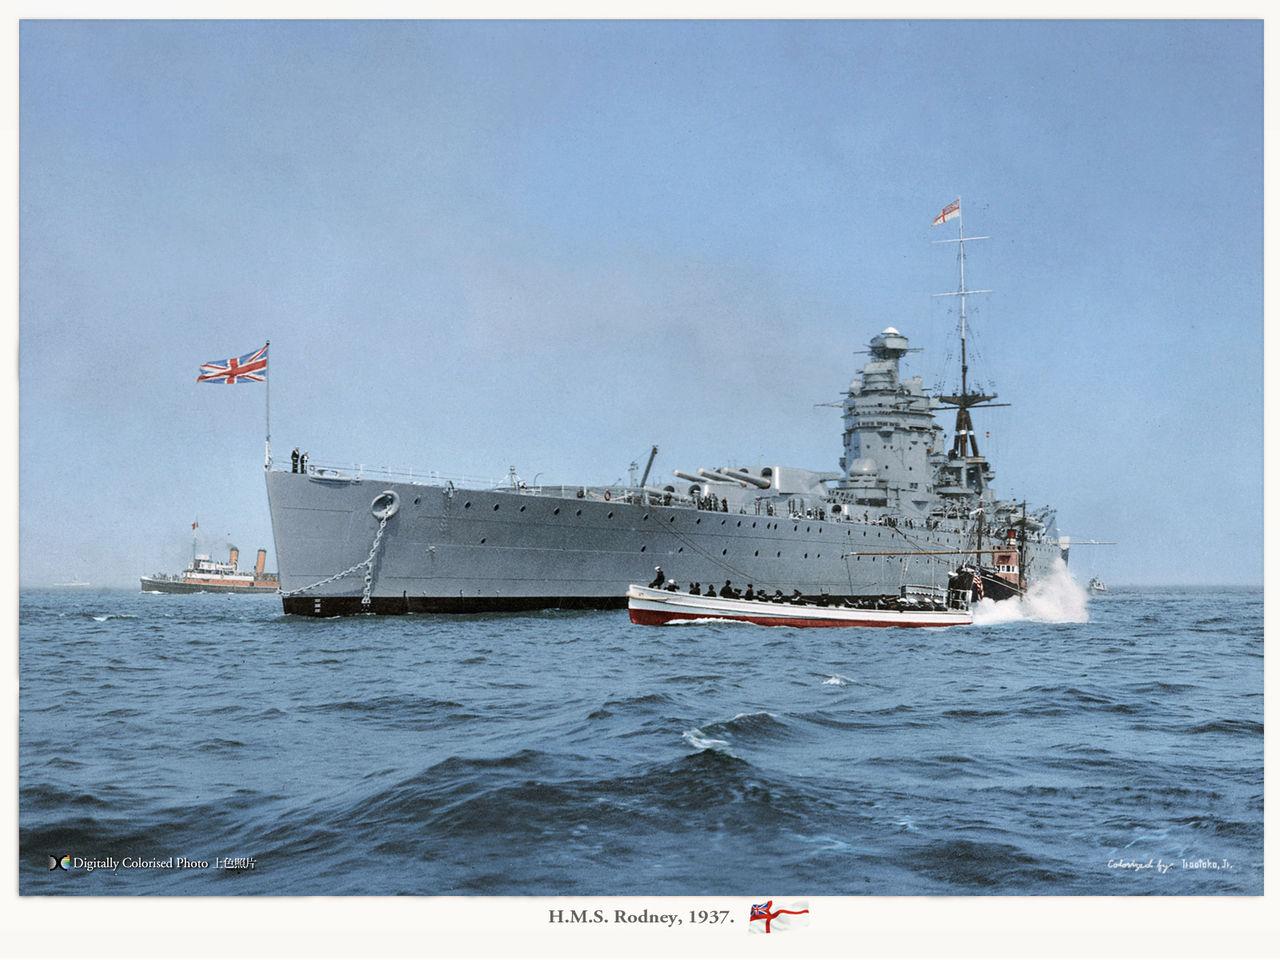 HMS Rodney, colorized by Irootoko Jr